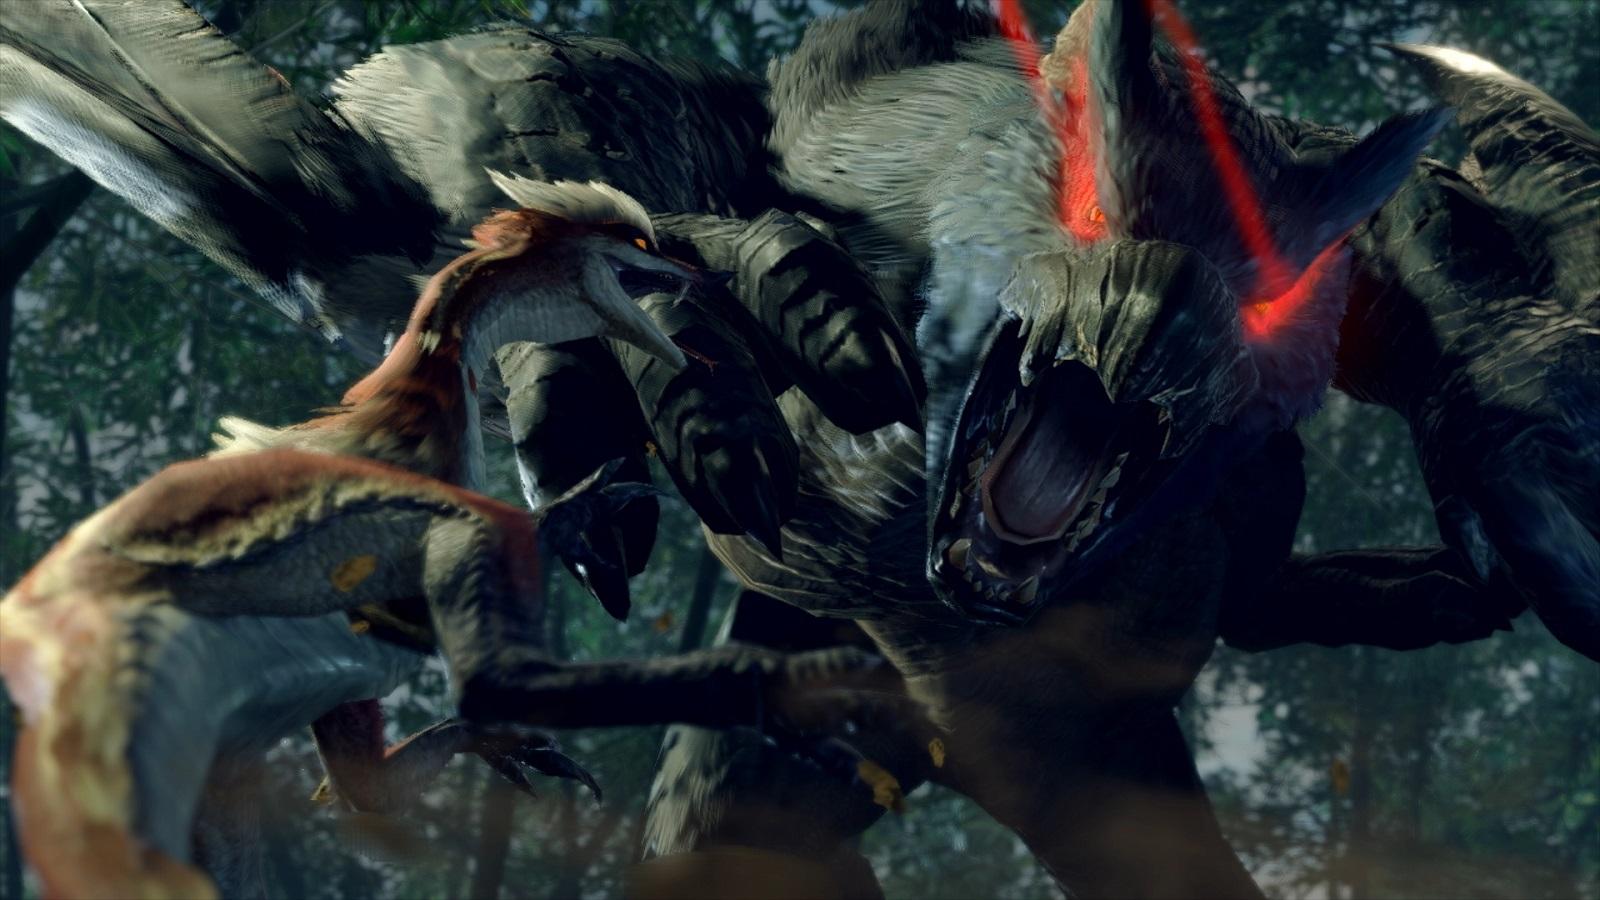 Видео: основы геймплея и режима Rampage, охота на Госс Харага и ответы на вопросы в новой демонстрации Monster Hunter Rise